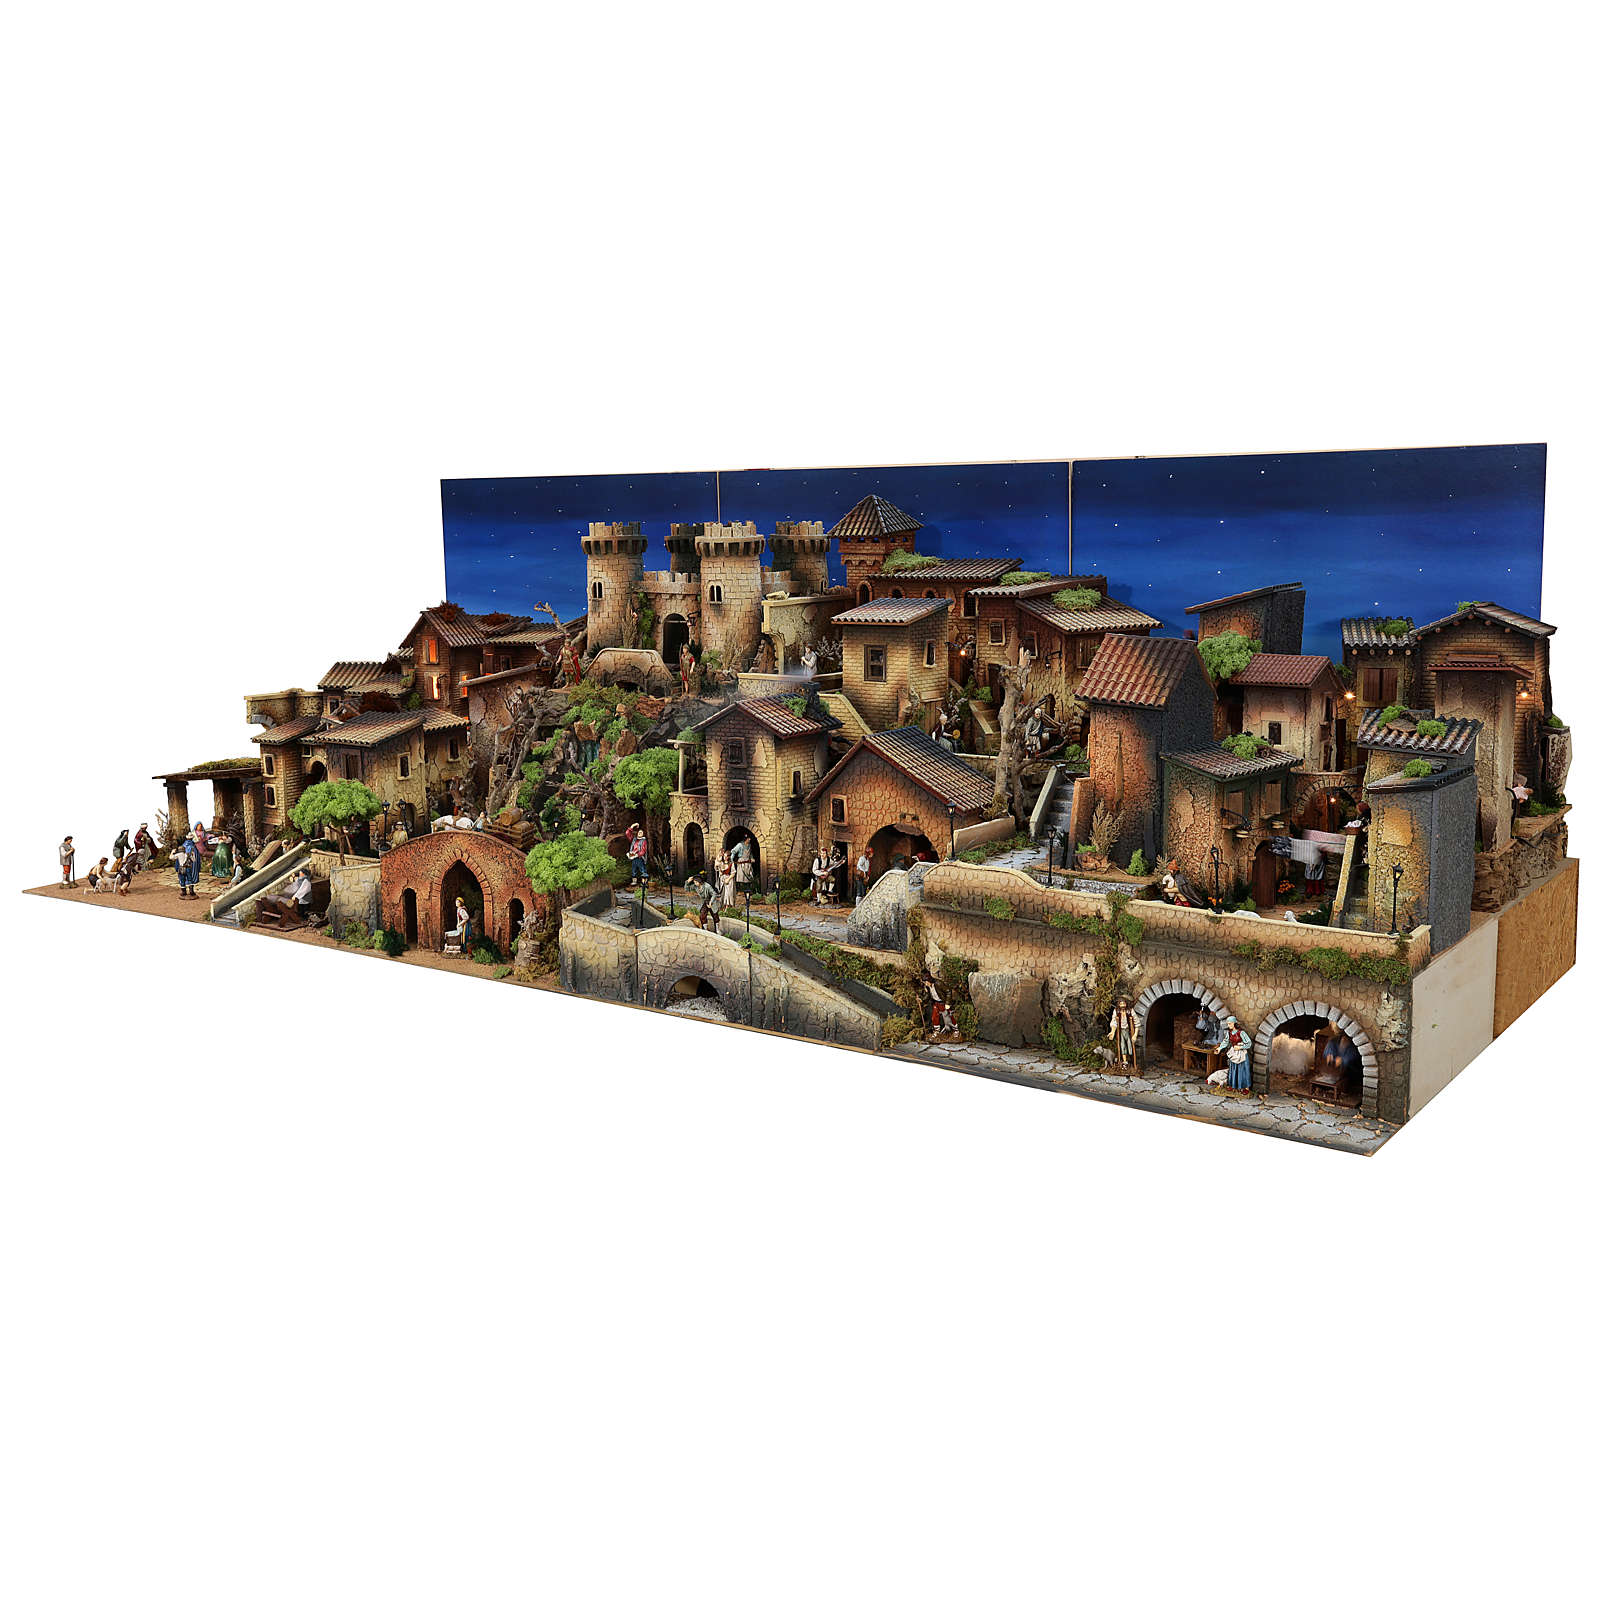 Complete Nativity scene set with Moranduzzo statues, 8 modules 100x320x120 cm 4